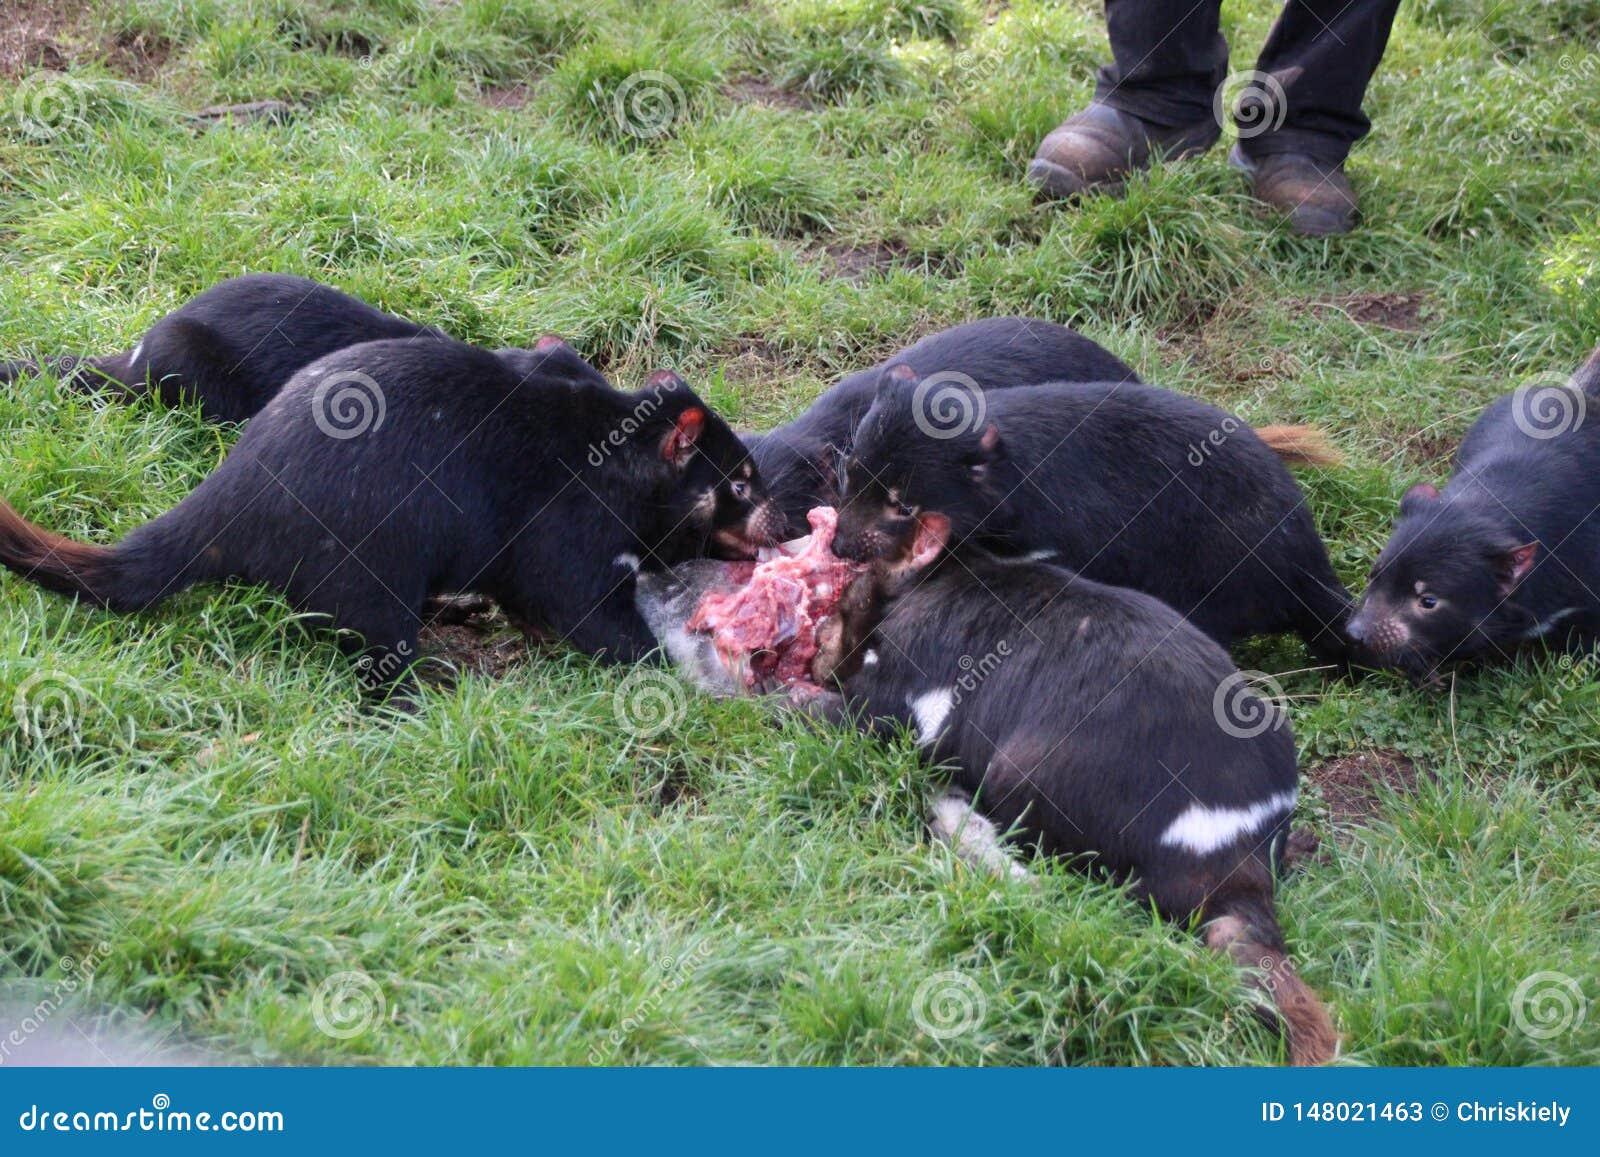 Tasmanische Teufel, die mit Familienmitgliedern essen